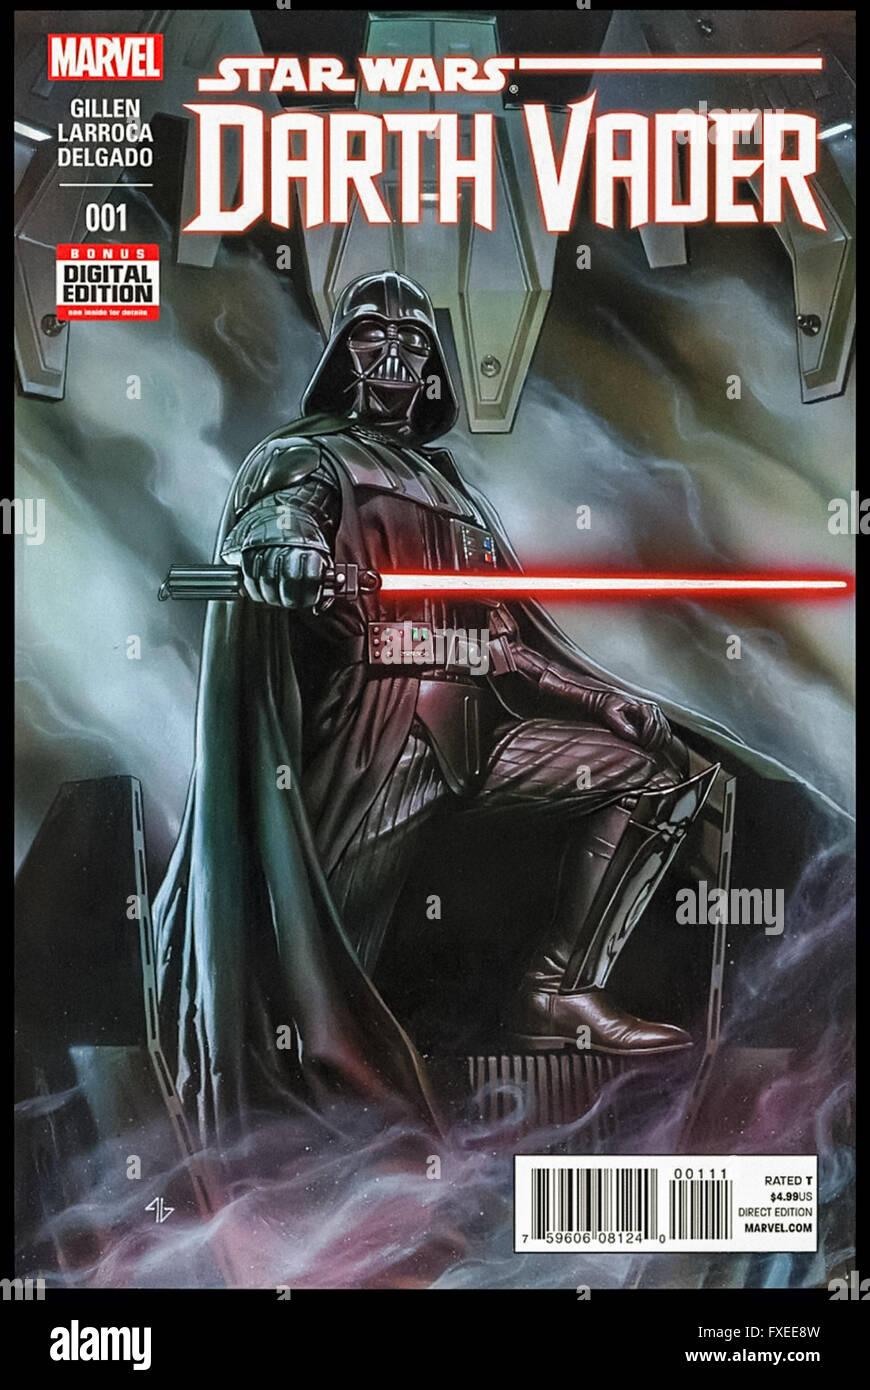 Star Wars Darth Vader Issue 1 11 Februar 2015 Veröffentlicht Von Marvel Comics Front Cover Artwork Von Adi Granov Stockfotografie Alamy